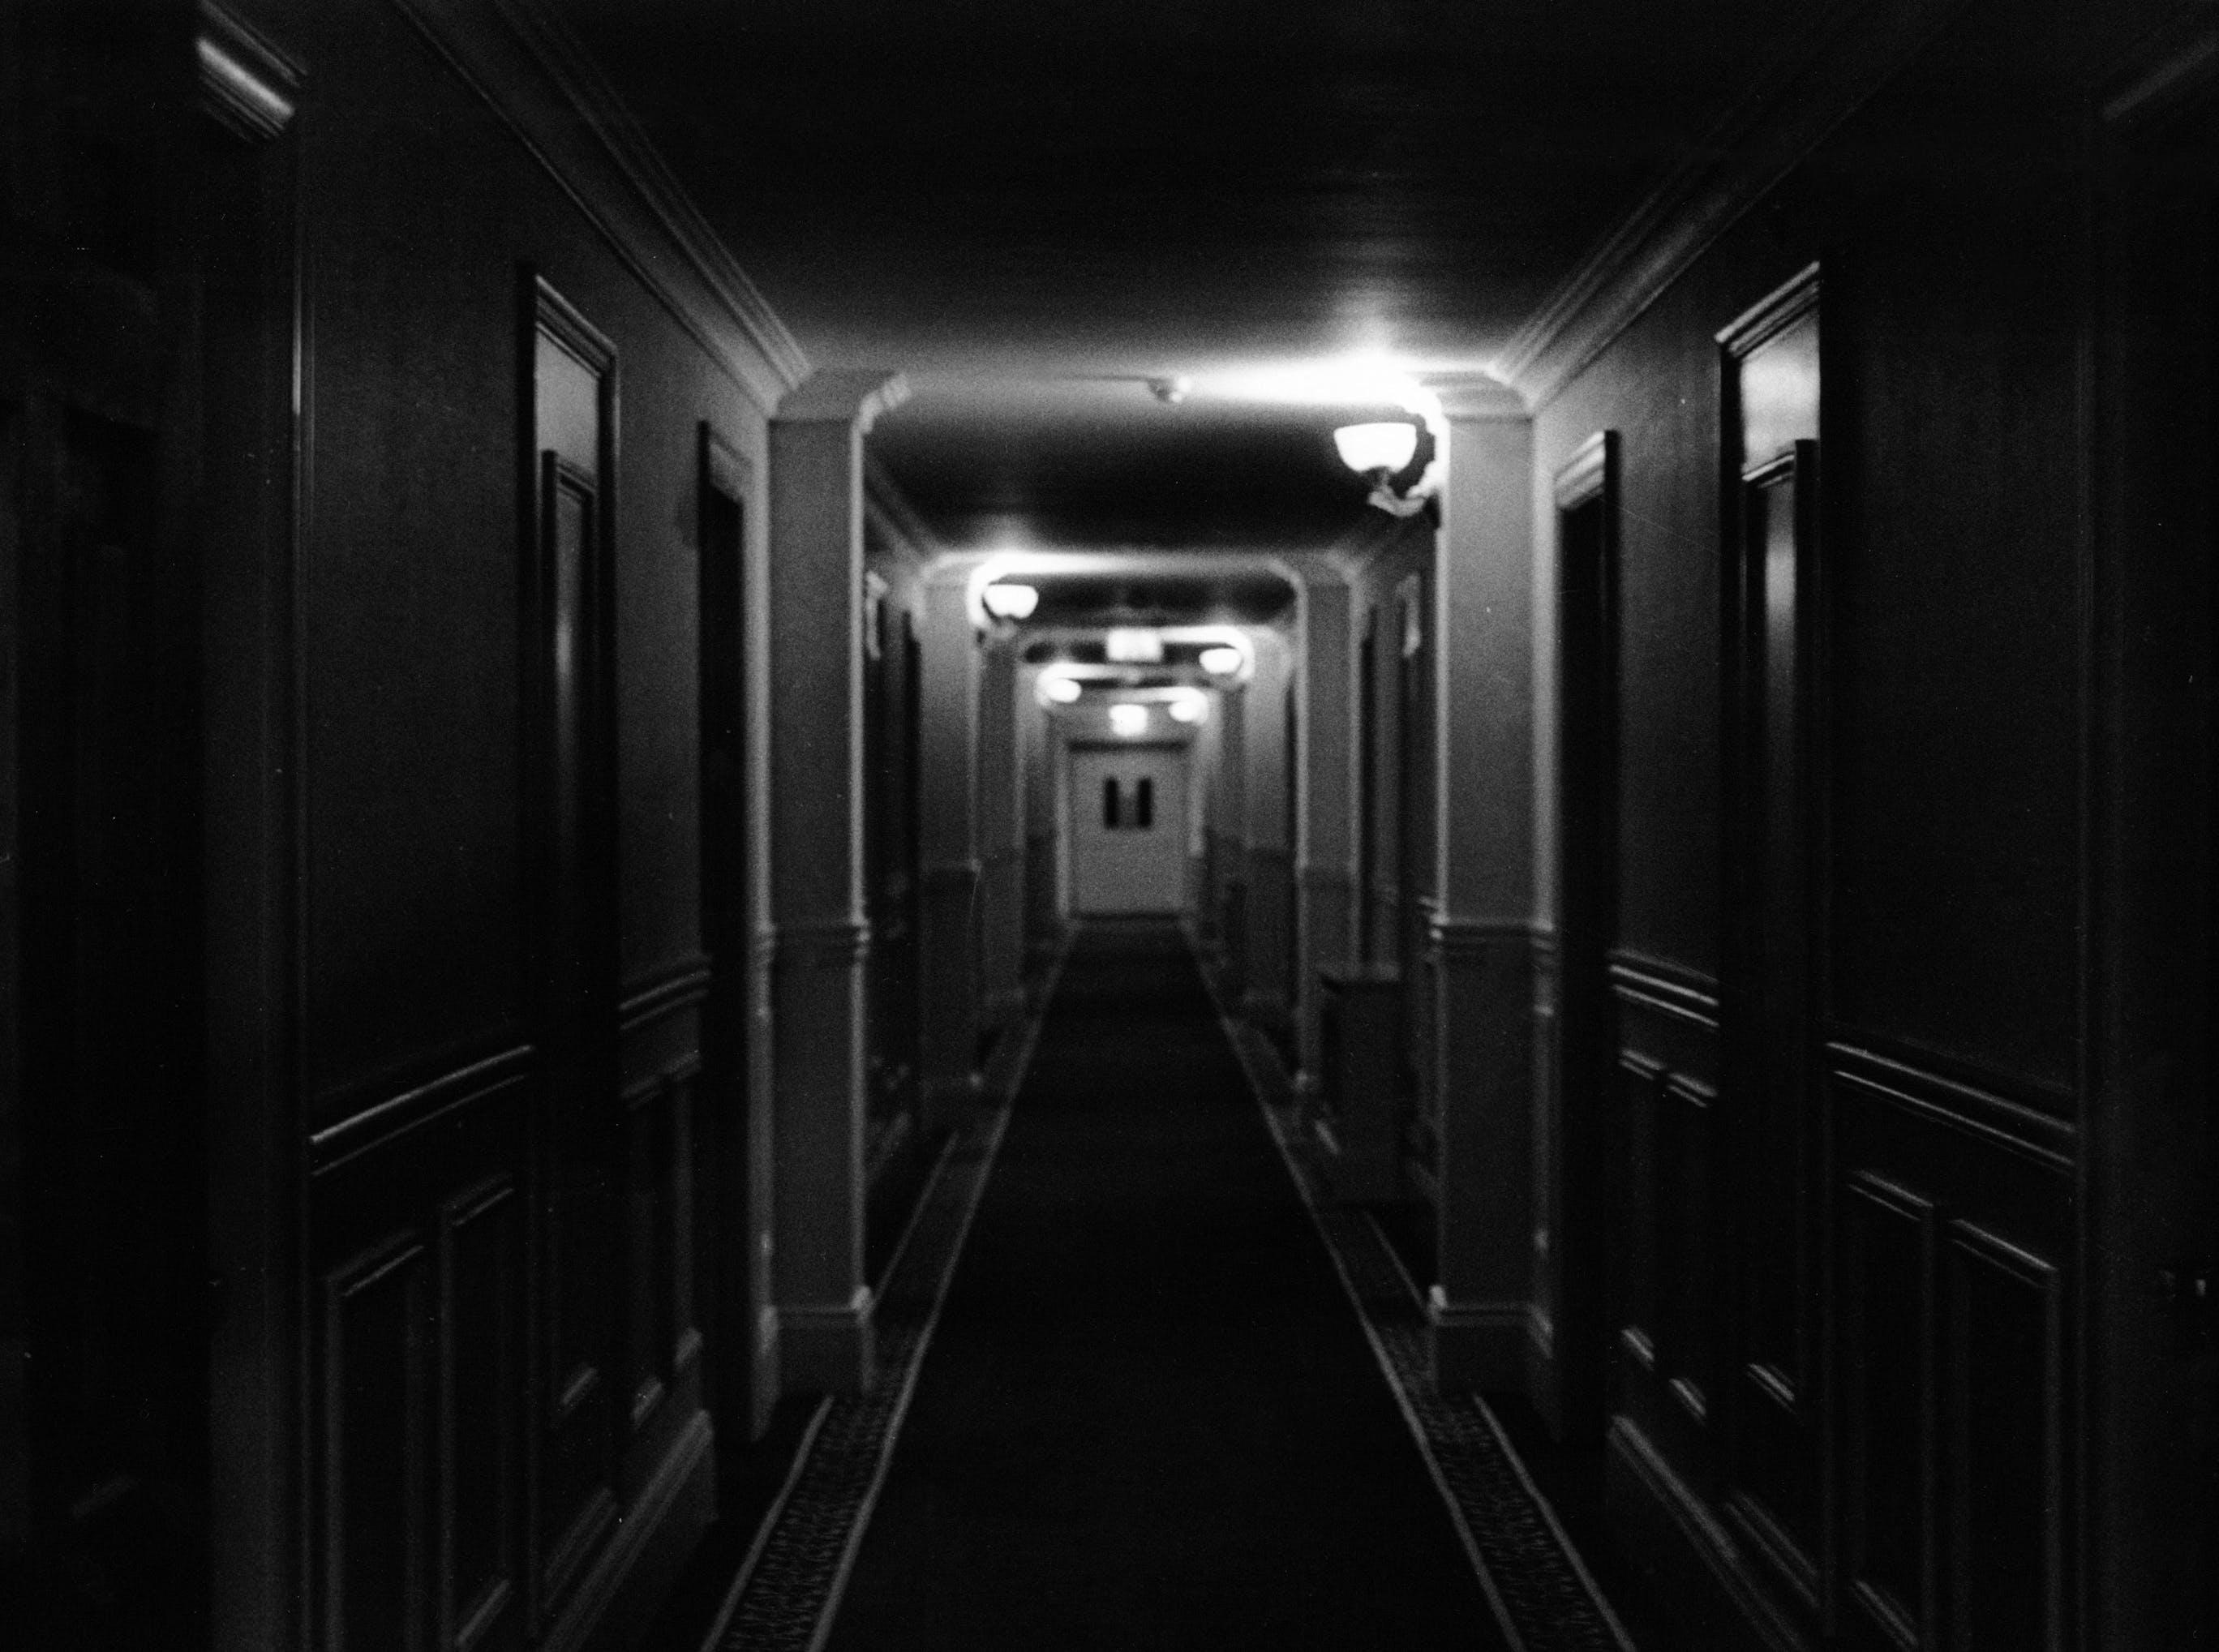 Free stock photo of dark, hallway, black and white, doors